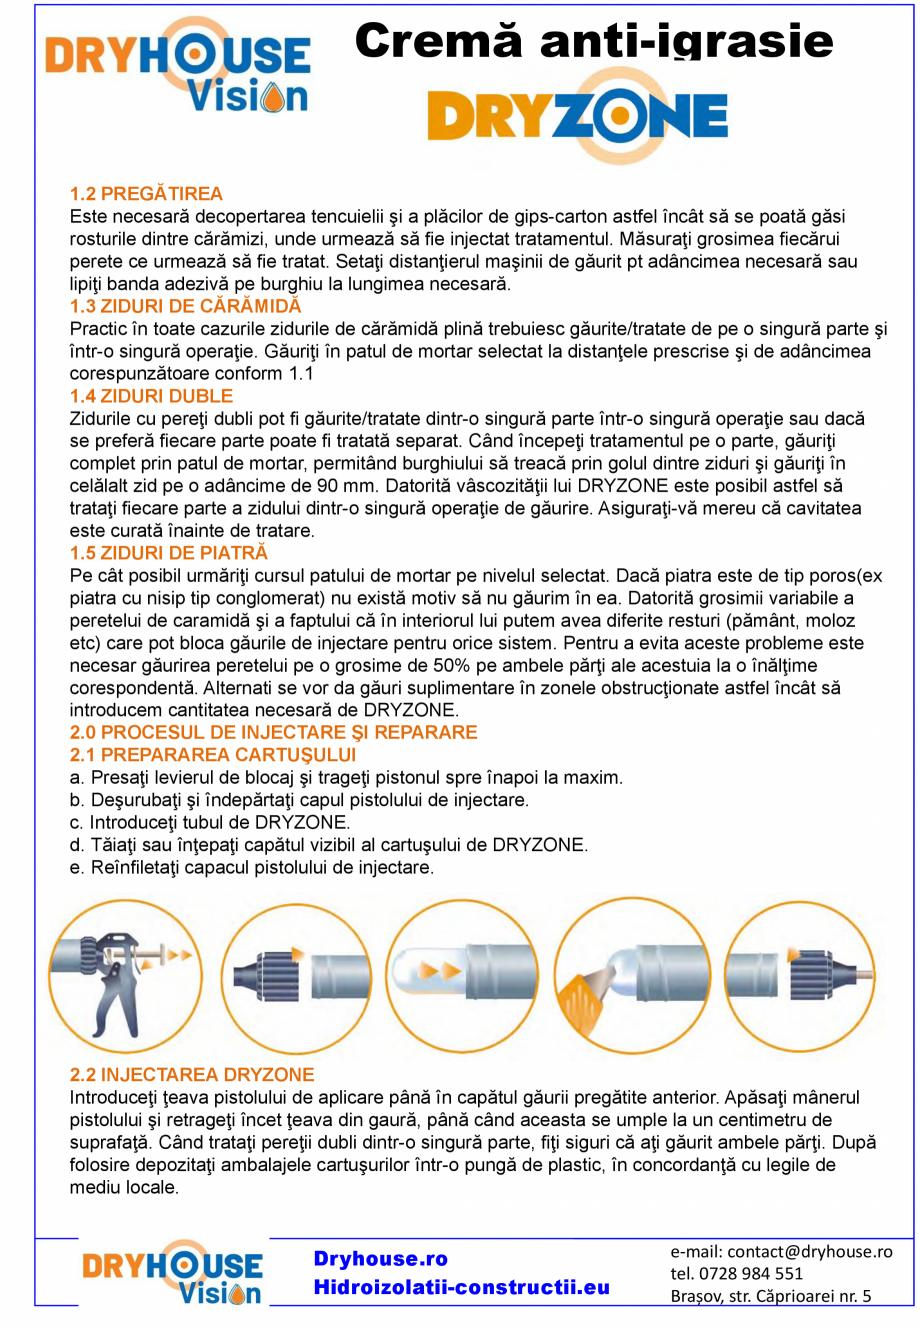 Pagina 3 - Crema anti-igrasie DRYHOUSE VISION DRYZONE Fisa tehnica Romana ial necesară. • Nu...